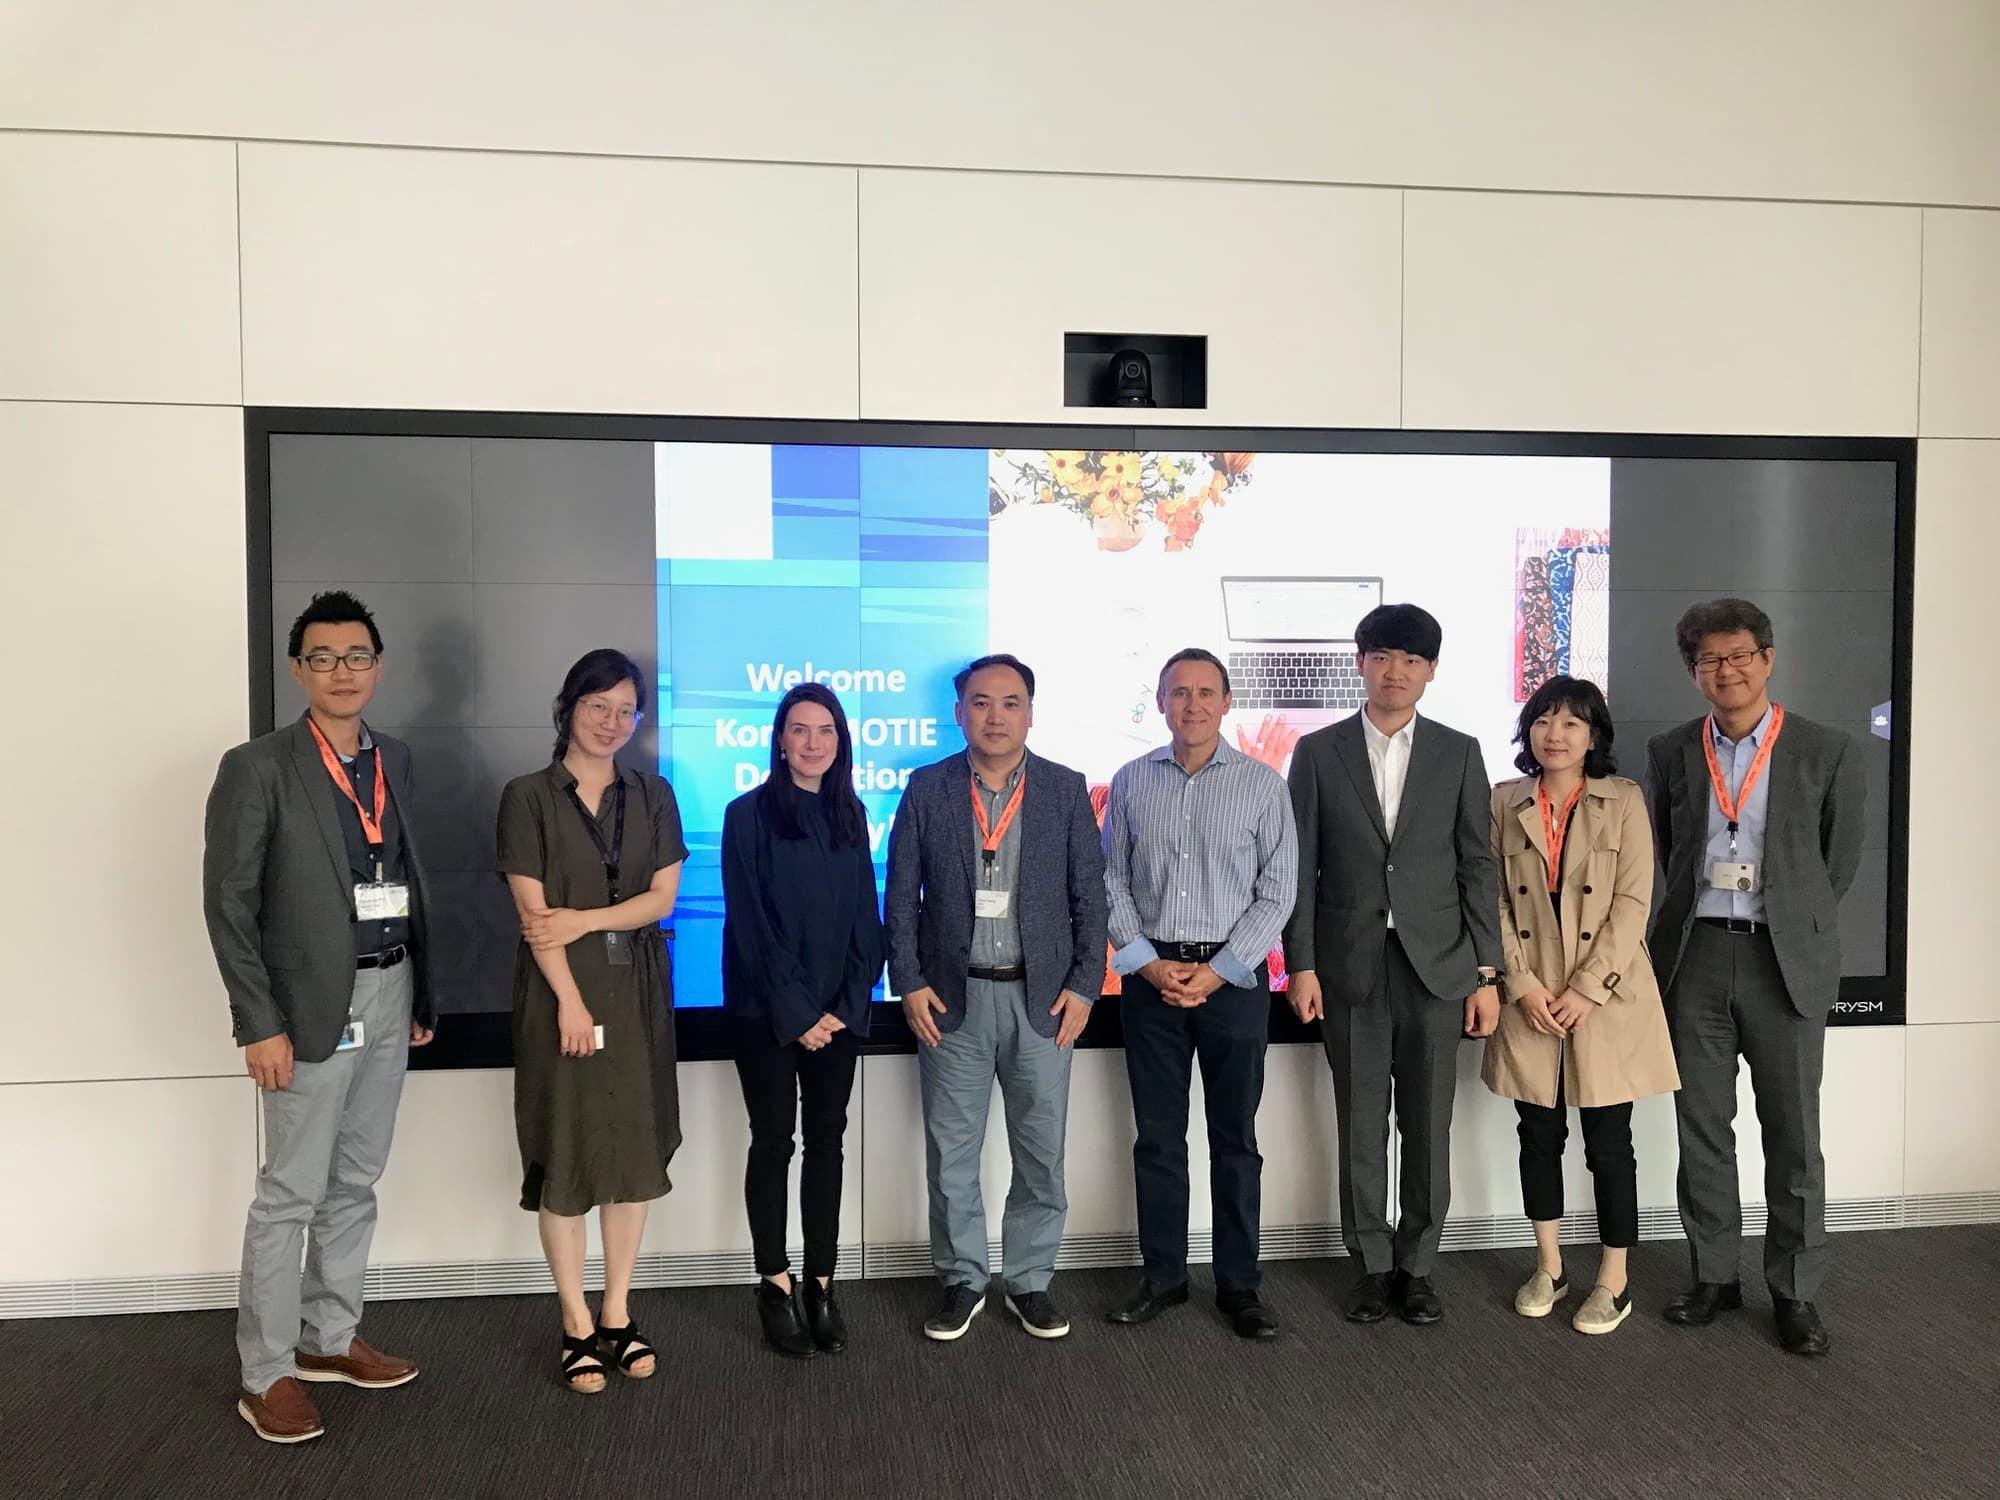 Ebay Hosts Korean Delegation Ebay Main Street